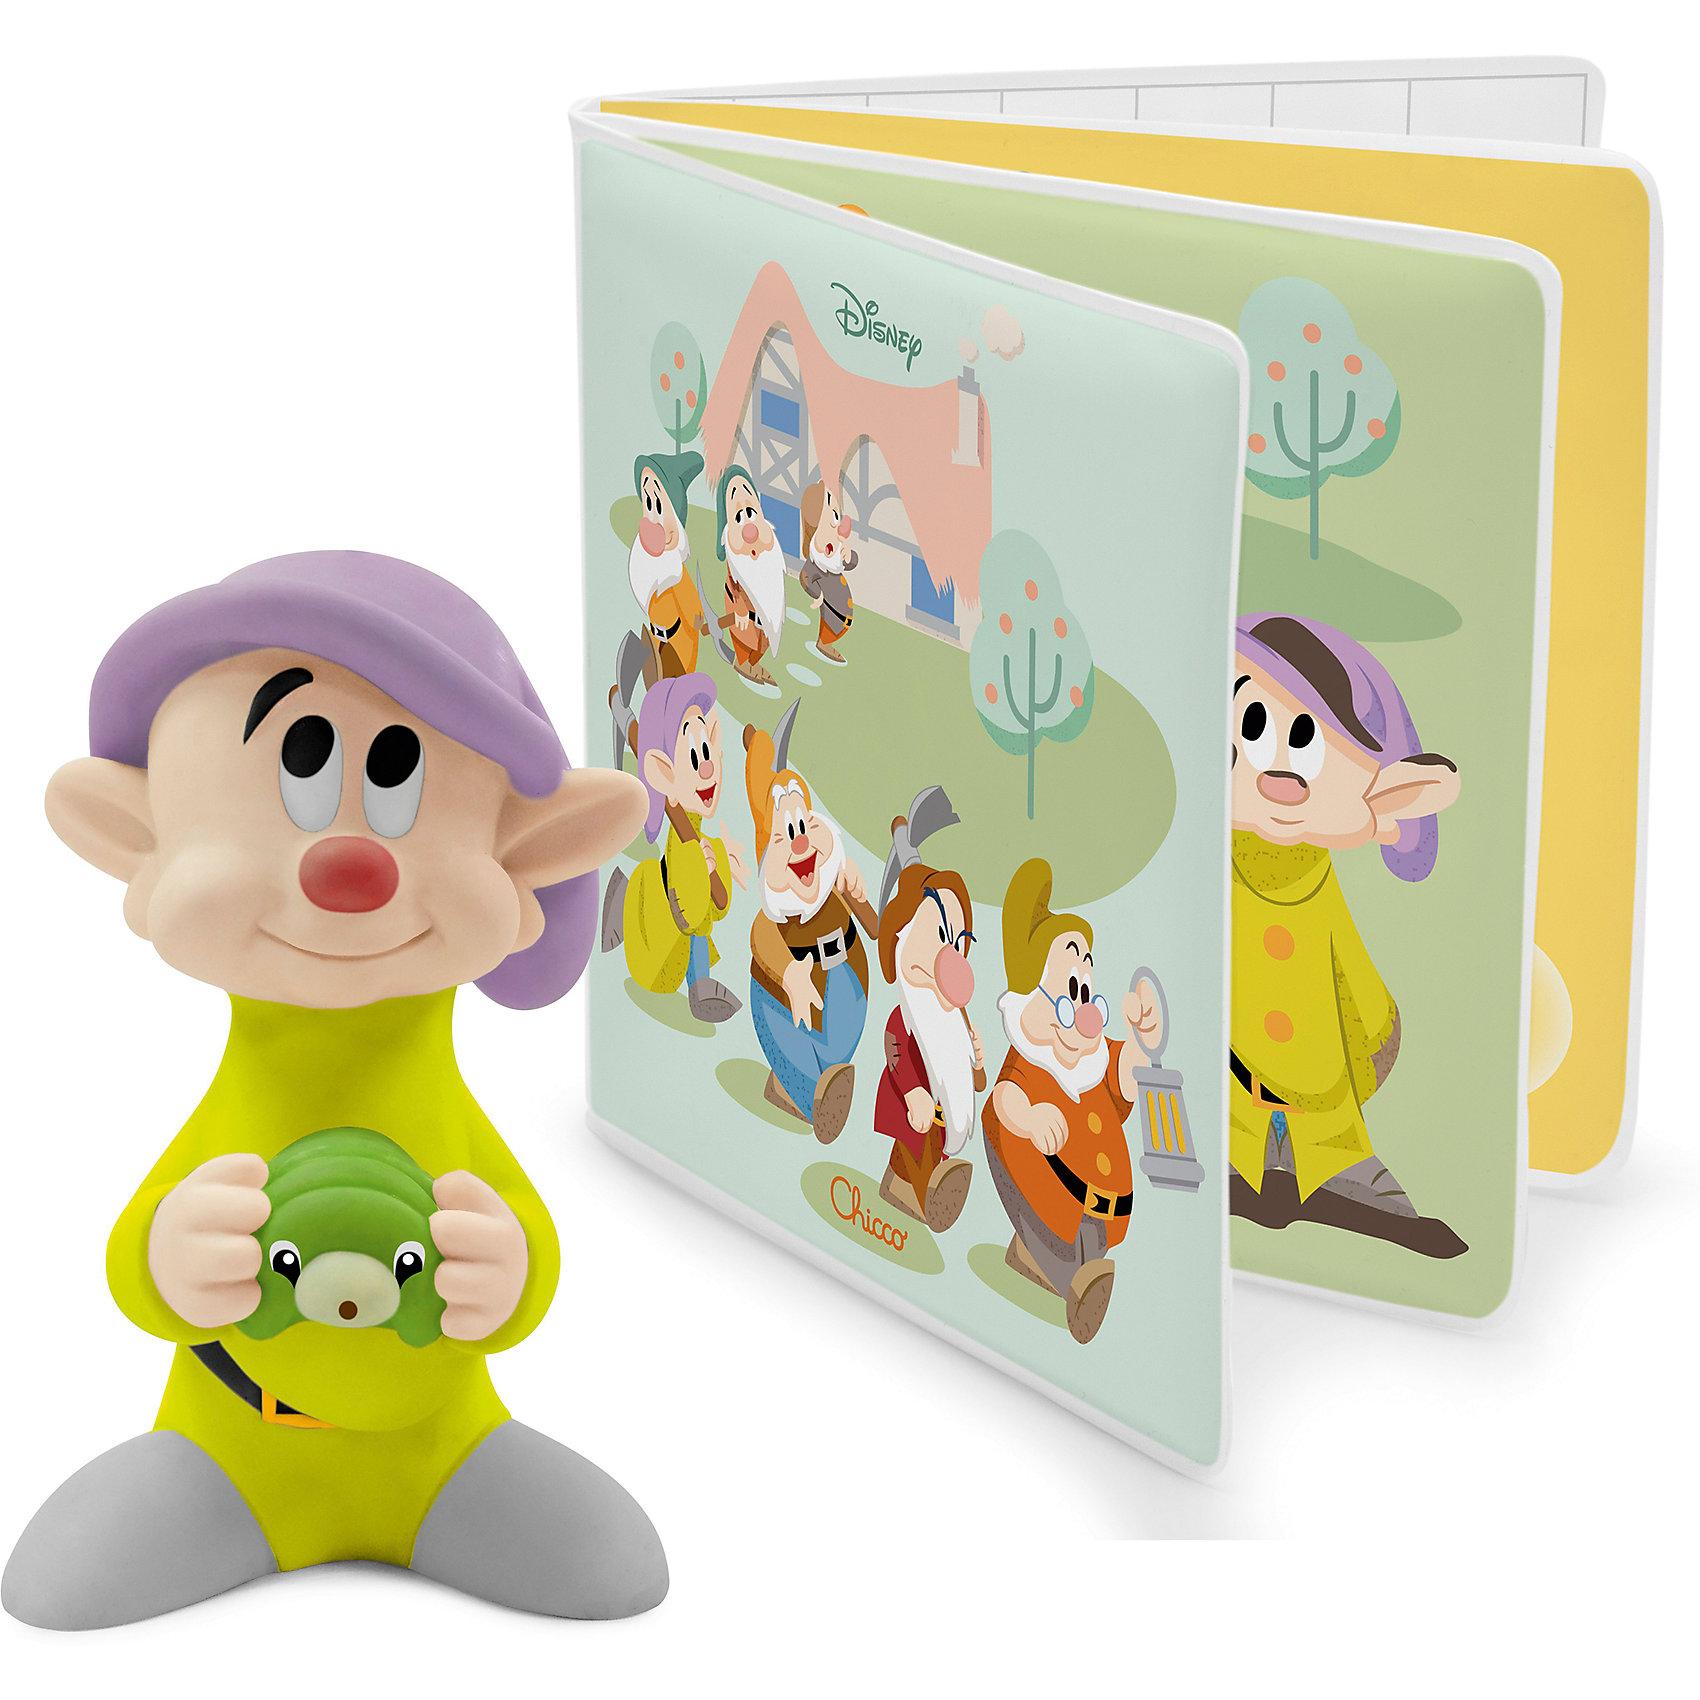 Книжка-игрушка для ванны 7 гномов, ChiccoКнижка-игрушка для ванны 7 гномов, Chicco (Чикко).<br><br>Характеристики:<br><br>• Размеры книжки, мм: 100x100x25.<br>• Высота гнома: 90мм.<br>• Материал: пластик.<br>• Вес в упаковке, г: 145.<br>• Цвет: разноцветный.<br><br>Купаться так здорово! Книжка-игрушка рассказывает об известных героях анимационного фильма Disney «Белоснежка и семь гномов». Фигурка-брызгалка в форме гнома Простачка заинтересует и развеселит вашего малыша. Красочные иллюстрации на каждой из 8 страничек привлекут внимание малыша, а мягкая брызгалка поможет разнообразить процесс купания. Книжка-игрушка для ванны превратит процесс купания в увлекательную игру!<br><br>Книжку-игрушку для ванны 7 гномов, Chicco (Чикко), можно купить в нашем интернет – магазине.<br><br>Ширина мм: 230<br>Глубина мм: 50<br>Высота мм: 185<br>Вес г: 104<br>Возраст от месяцев: 6<br>Возраст до месяцев: 36<br>Пол: Унисекс<br>Возраст: Детский<br>SKU: 5105200